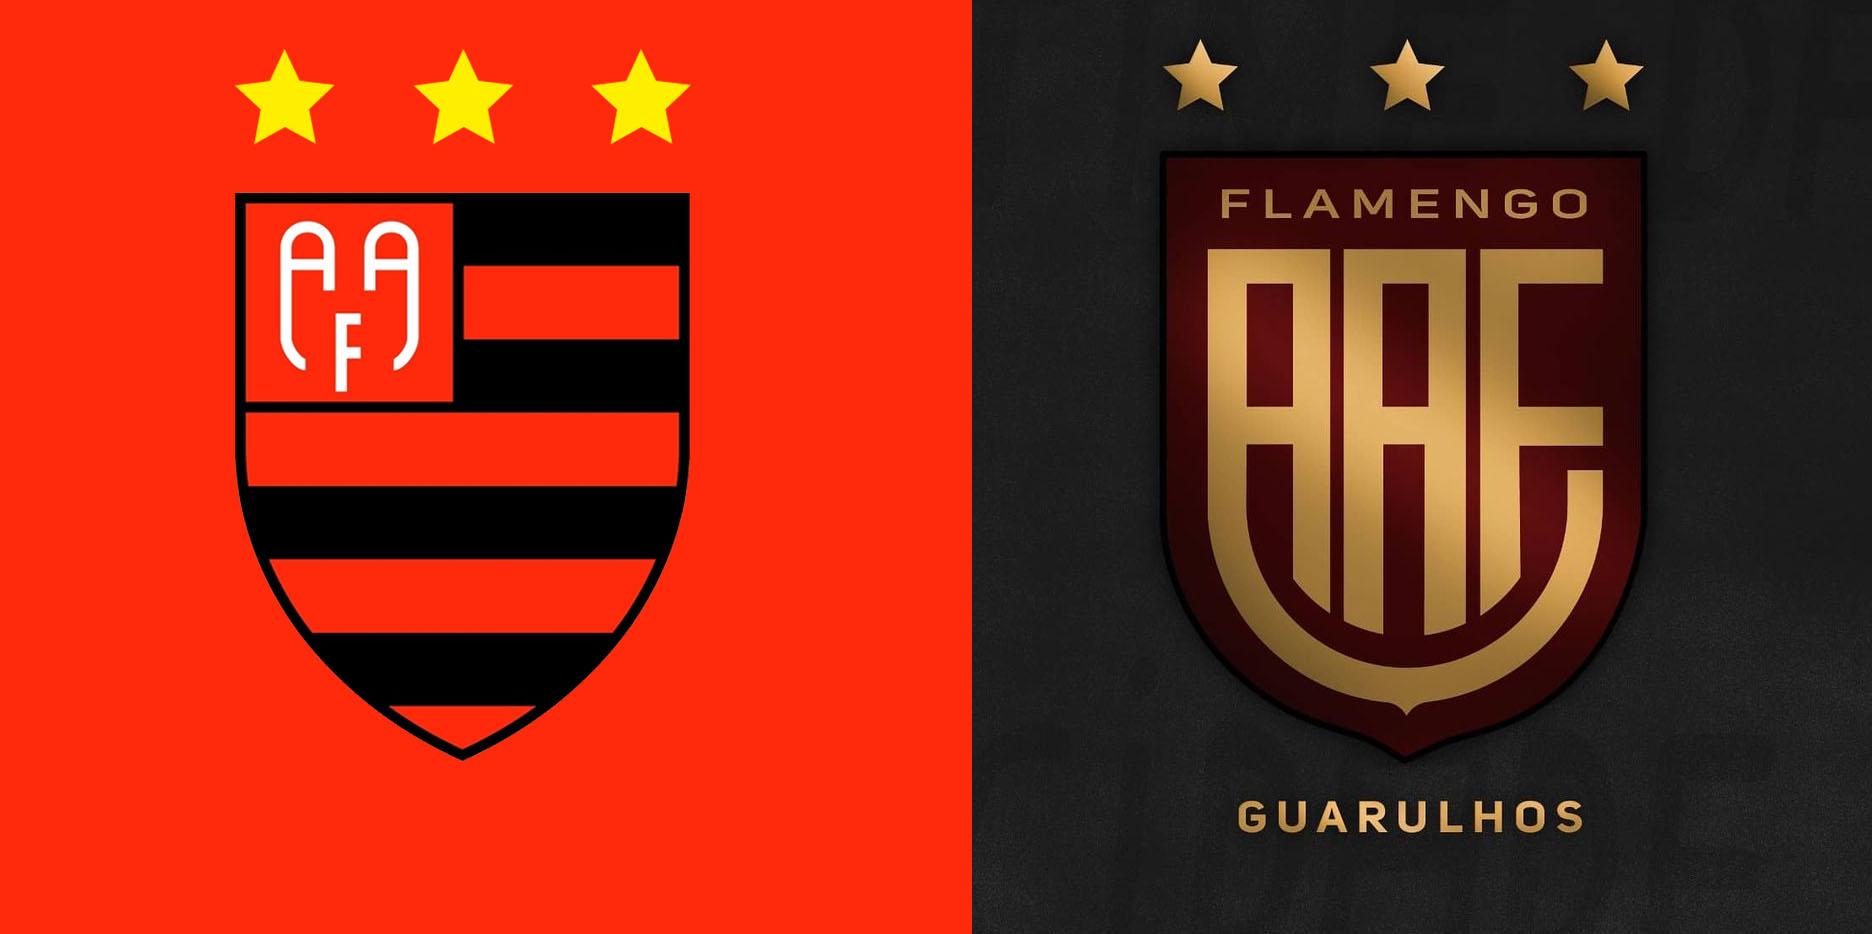 AA Flamengo Guarulhos novo escudo 2021 ad